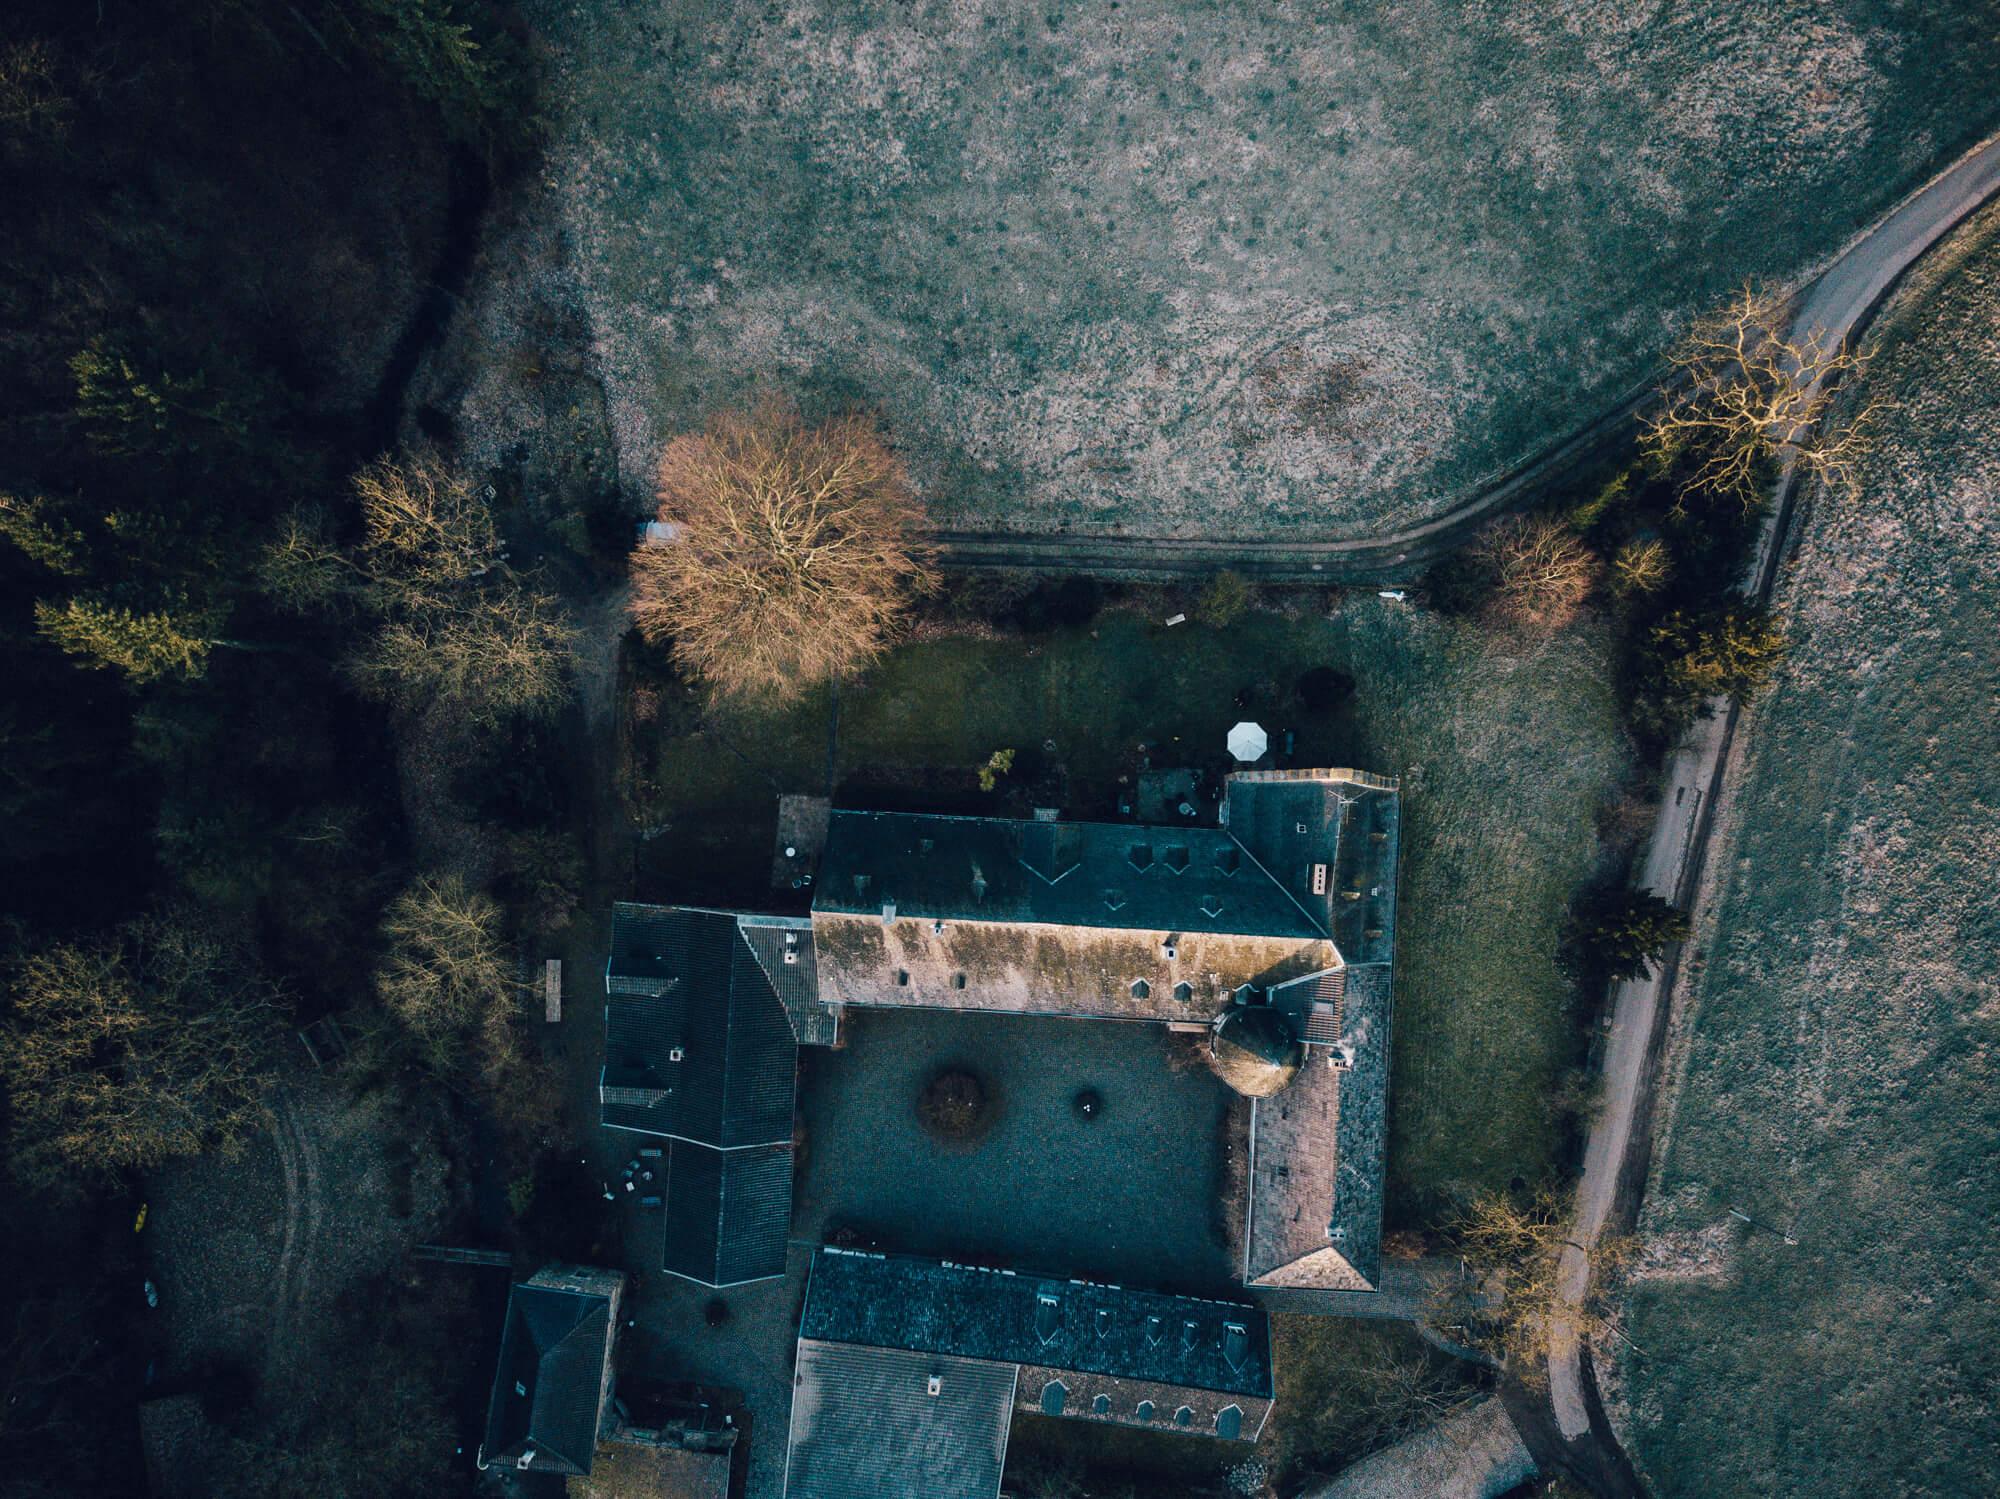 Kloster Schweinheim Yoga Retreat Vogelperspektive